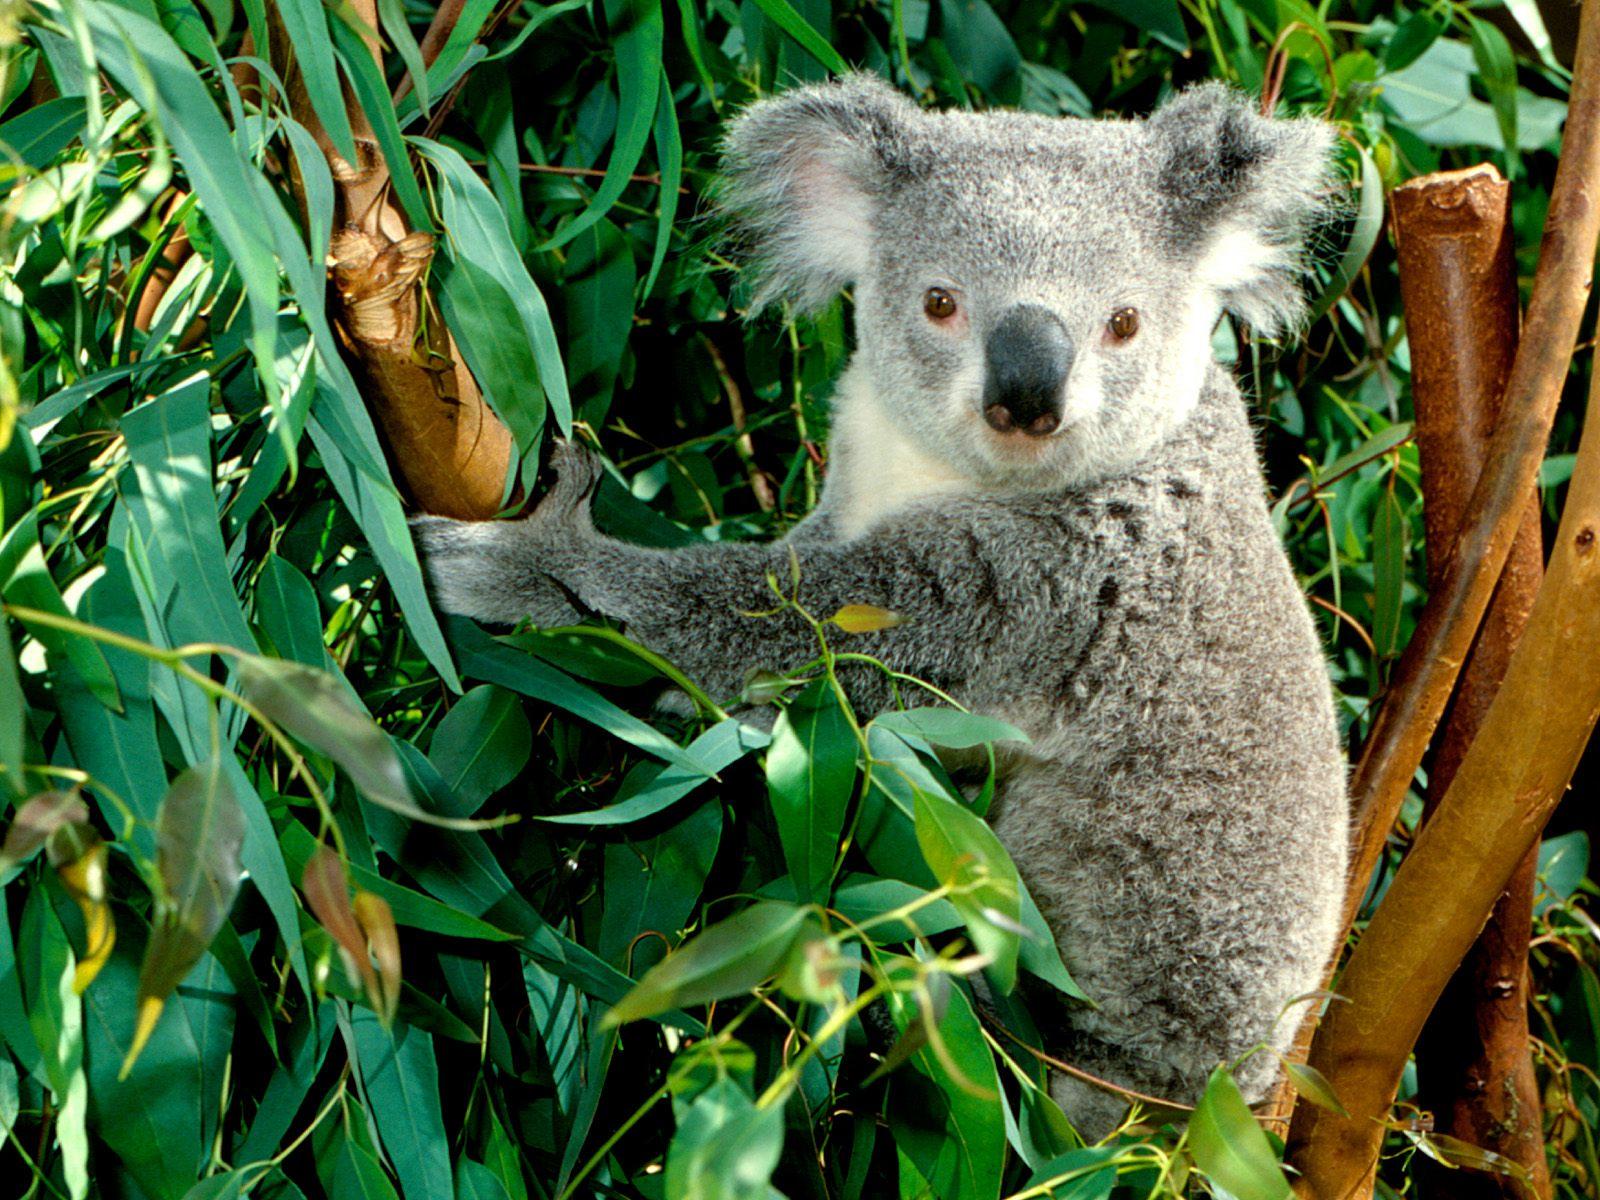 Koala Wallpapers Pets Cute And Docile